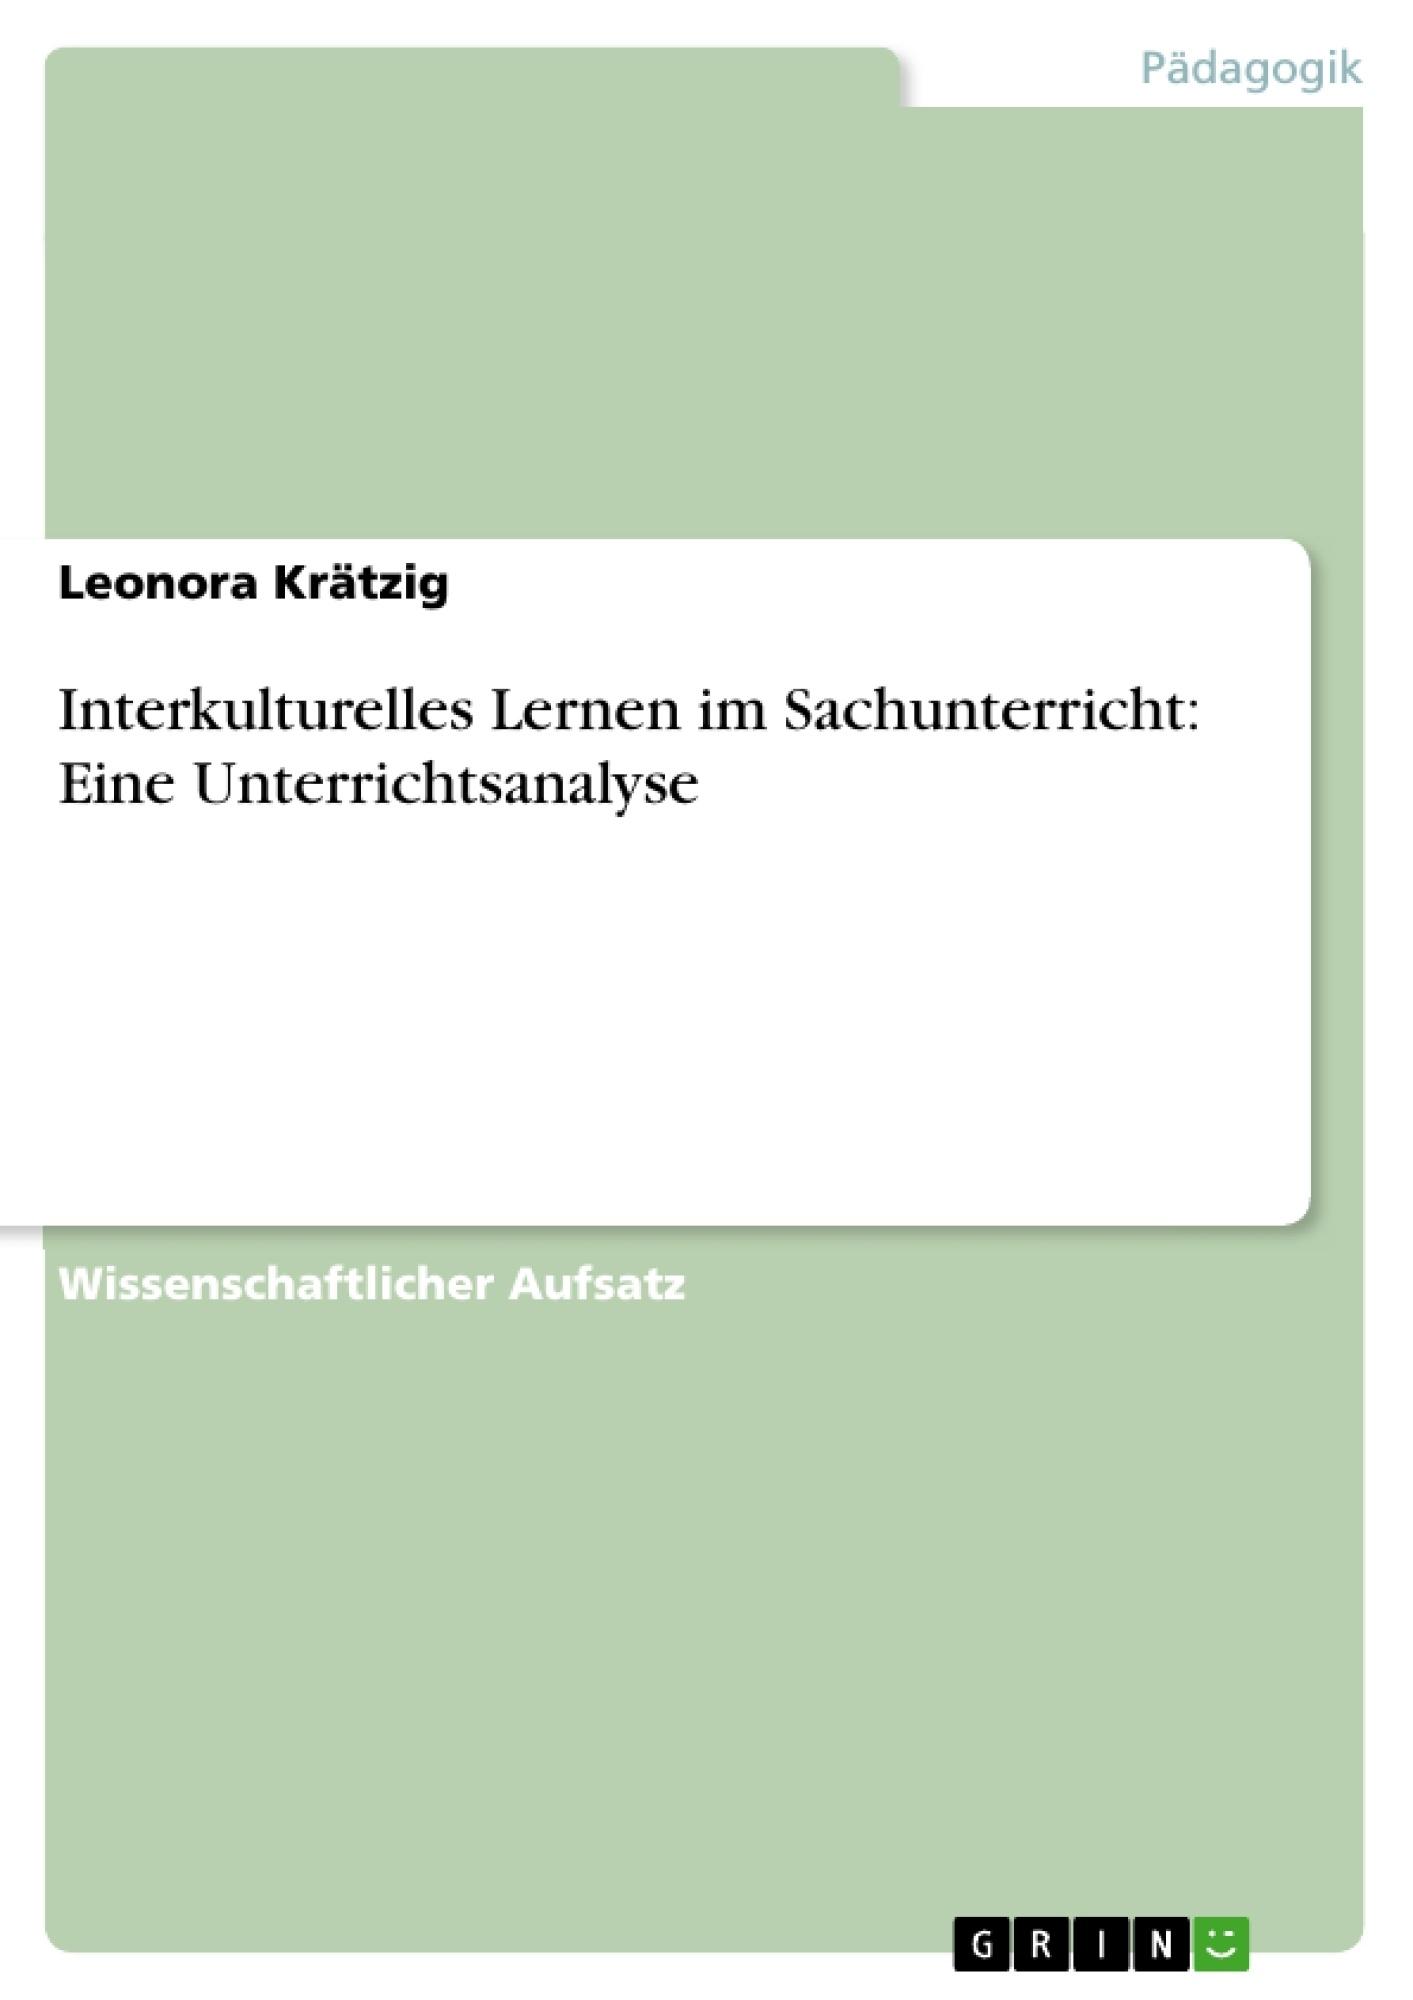 Titel: Interkulturelles Lernen im Sachunterricht: Eine Unterrichtsanalyse